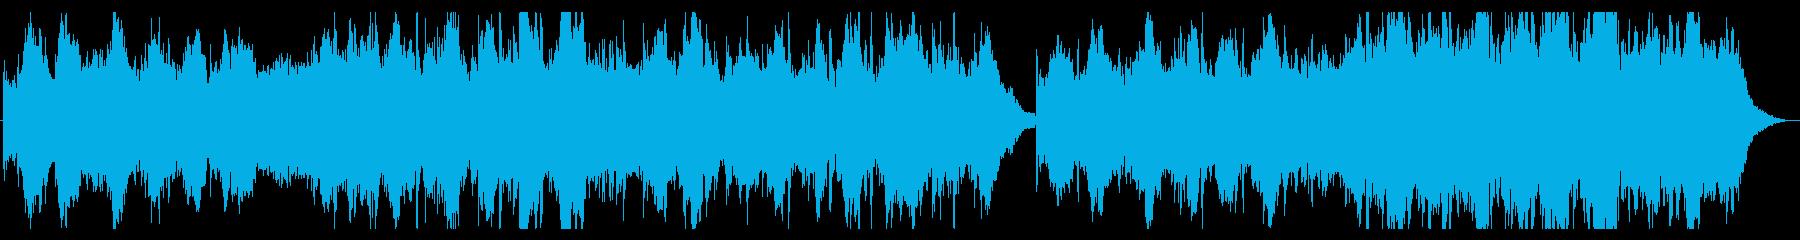 幻想的なクリスタルをイメージしたBGMの再生済みの波形